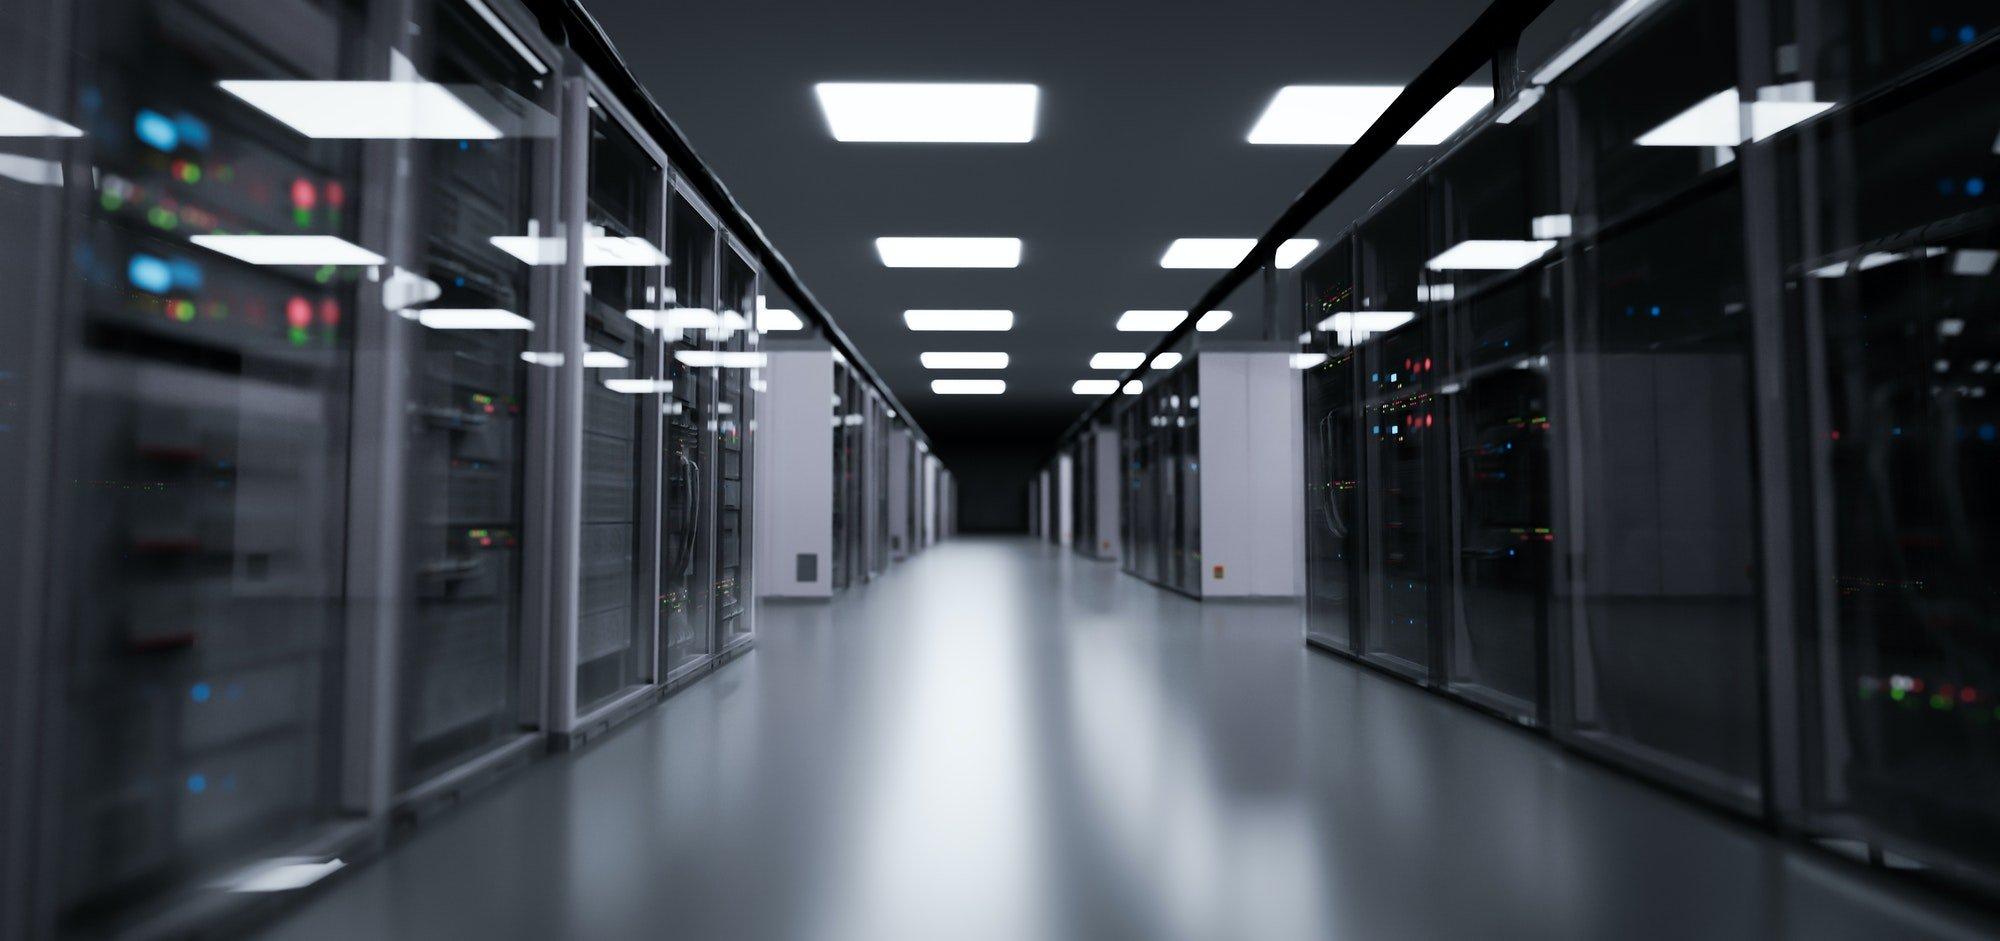 Server room, modern data center.